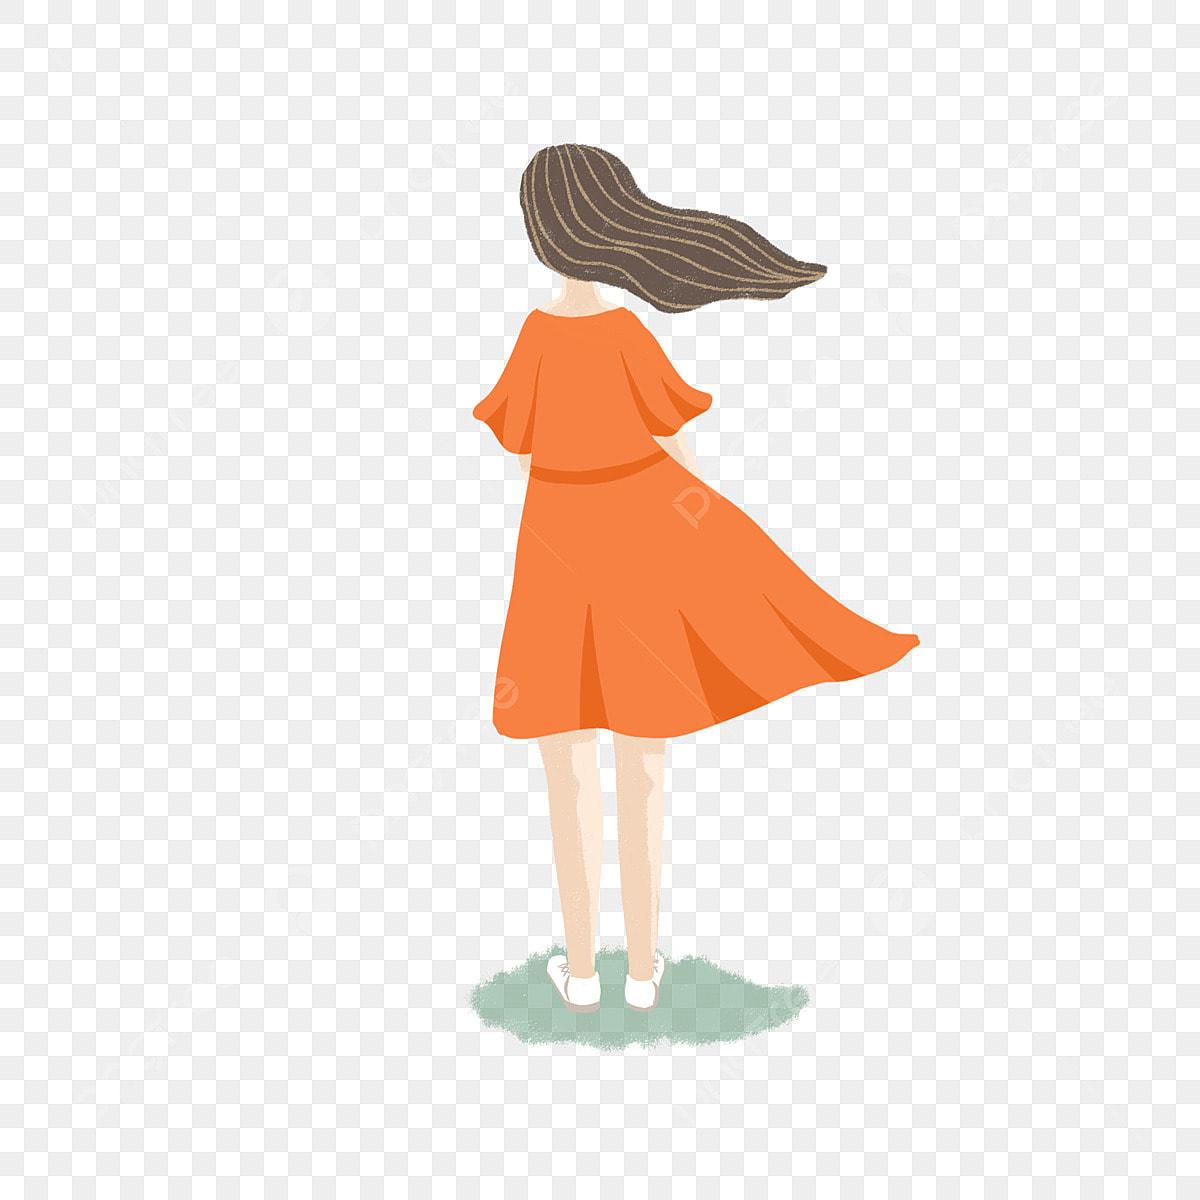 Gambar Kartun Wanita Rambut Panjang Gambar Wanita Kartun Berambut Panjang Yang Memakai Pakaian Oren Orange Rok Panjang Rambut Panjang Png Dan Psd Untuk Muat Turun Percuma